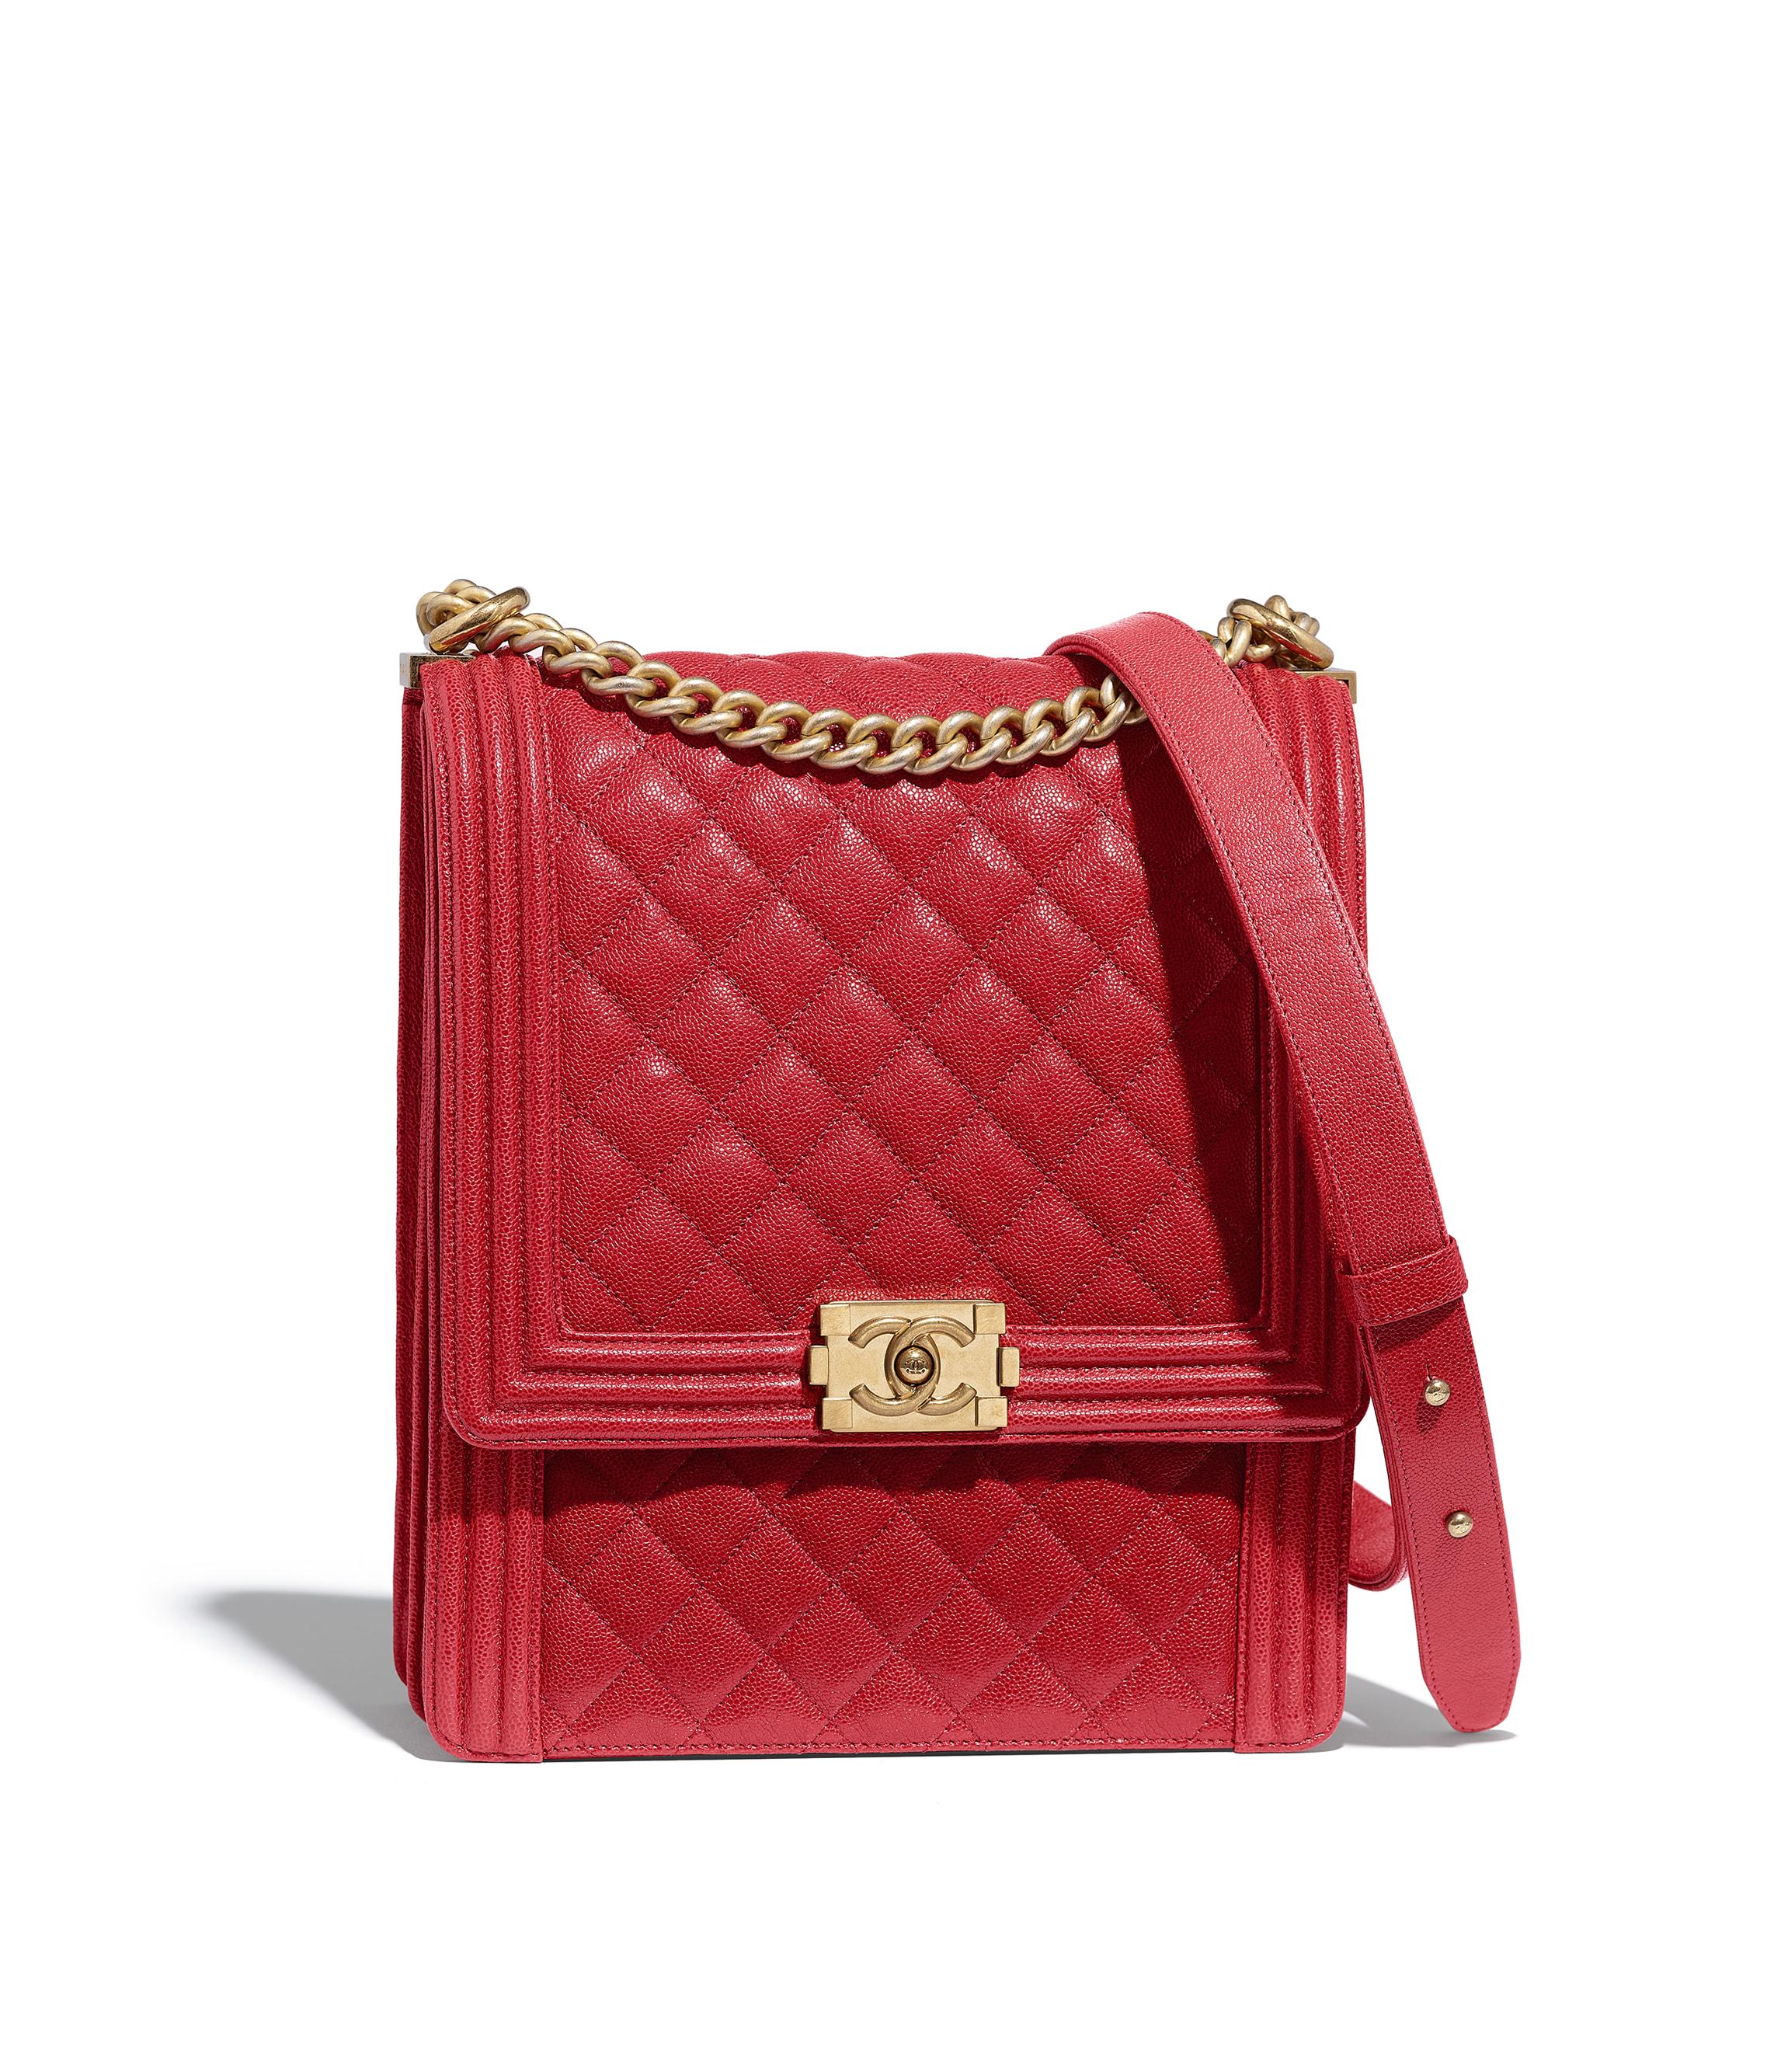 BOY CHANEL - Handbags - CHANEL 5f39fbc7fe3fc